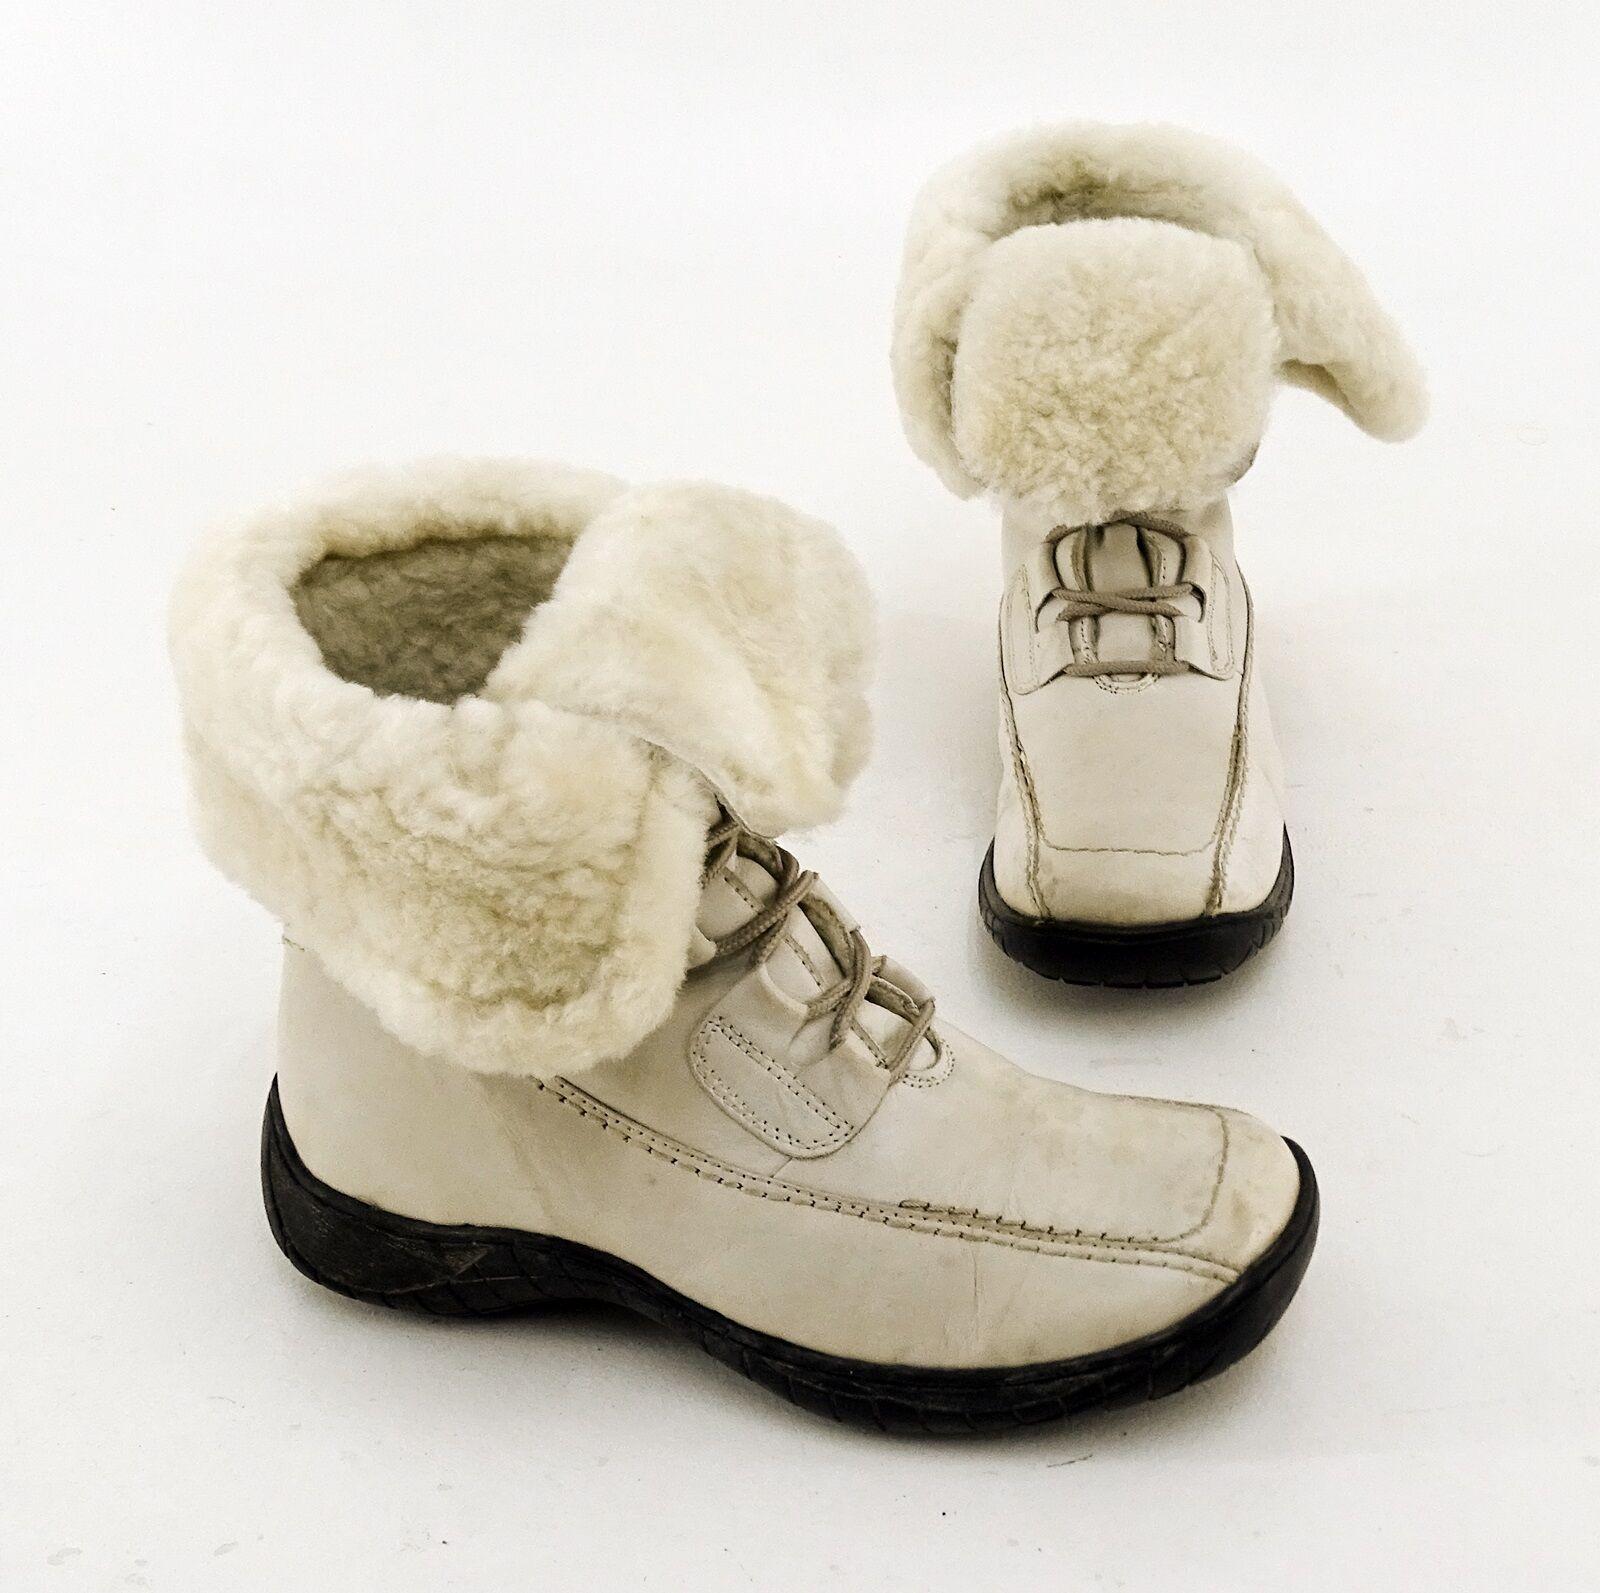 Stiefeletten Tamaris Winter Boots Schnürverschluss Echtleder offwhite Gr. 38